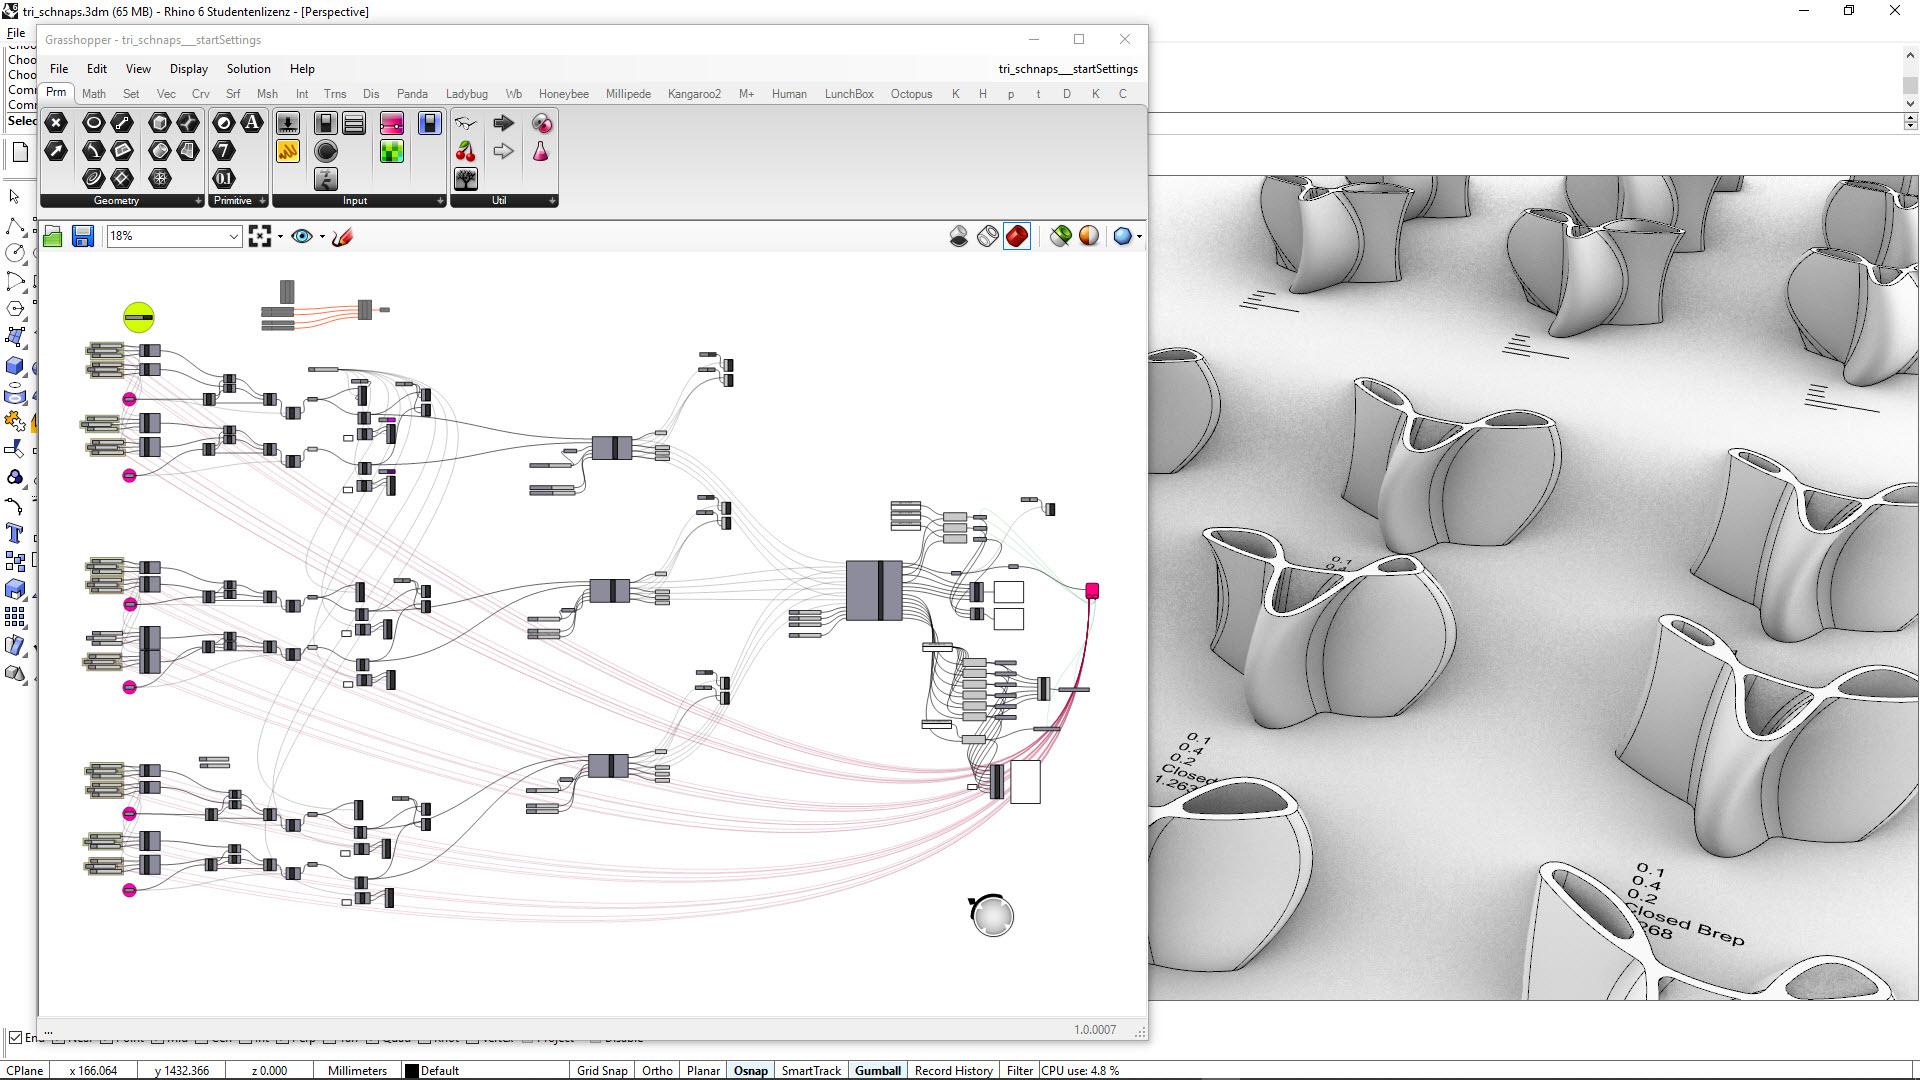 Trischnaps - Parametrisches Modell zur automatischen Formerzeugung. Software Interfaces von Rhino + Grasshopper